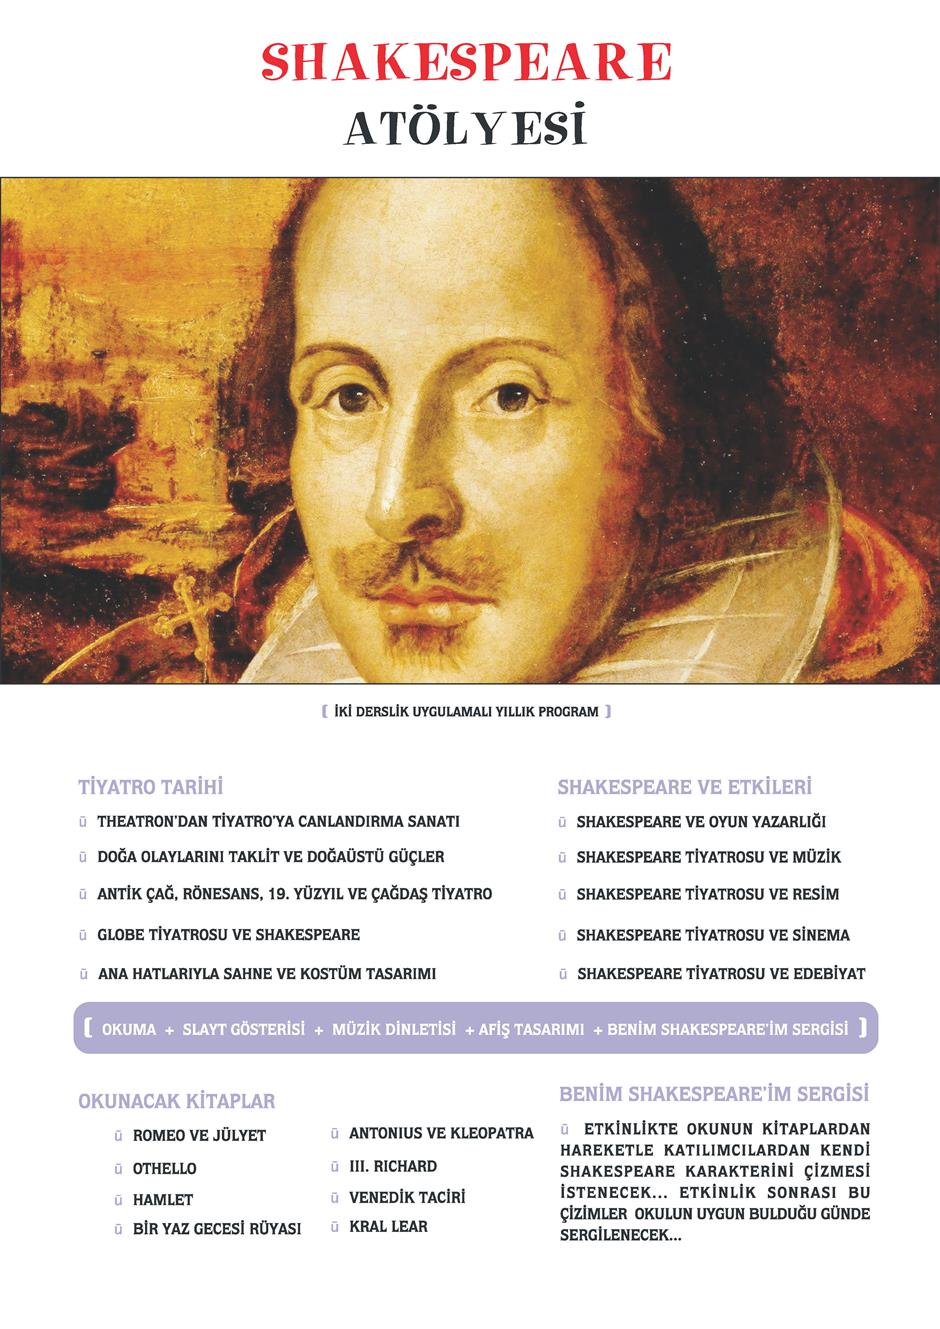 Shakespeare Atölyesi